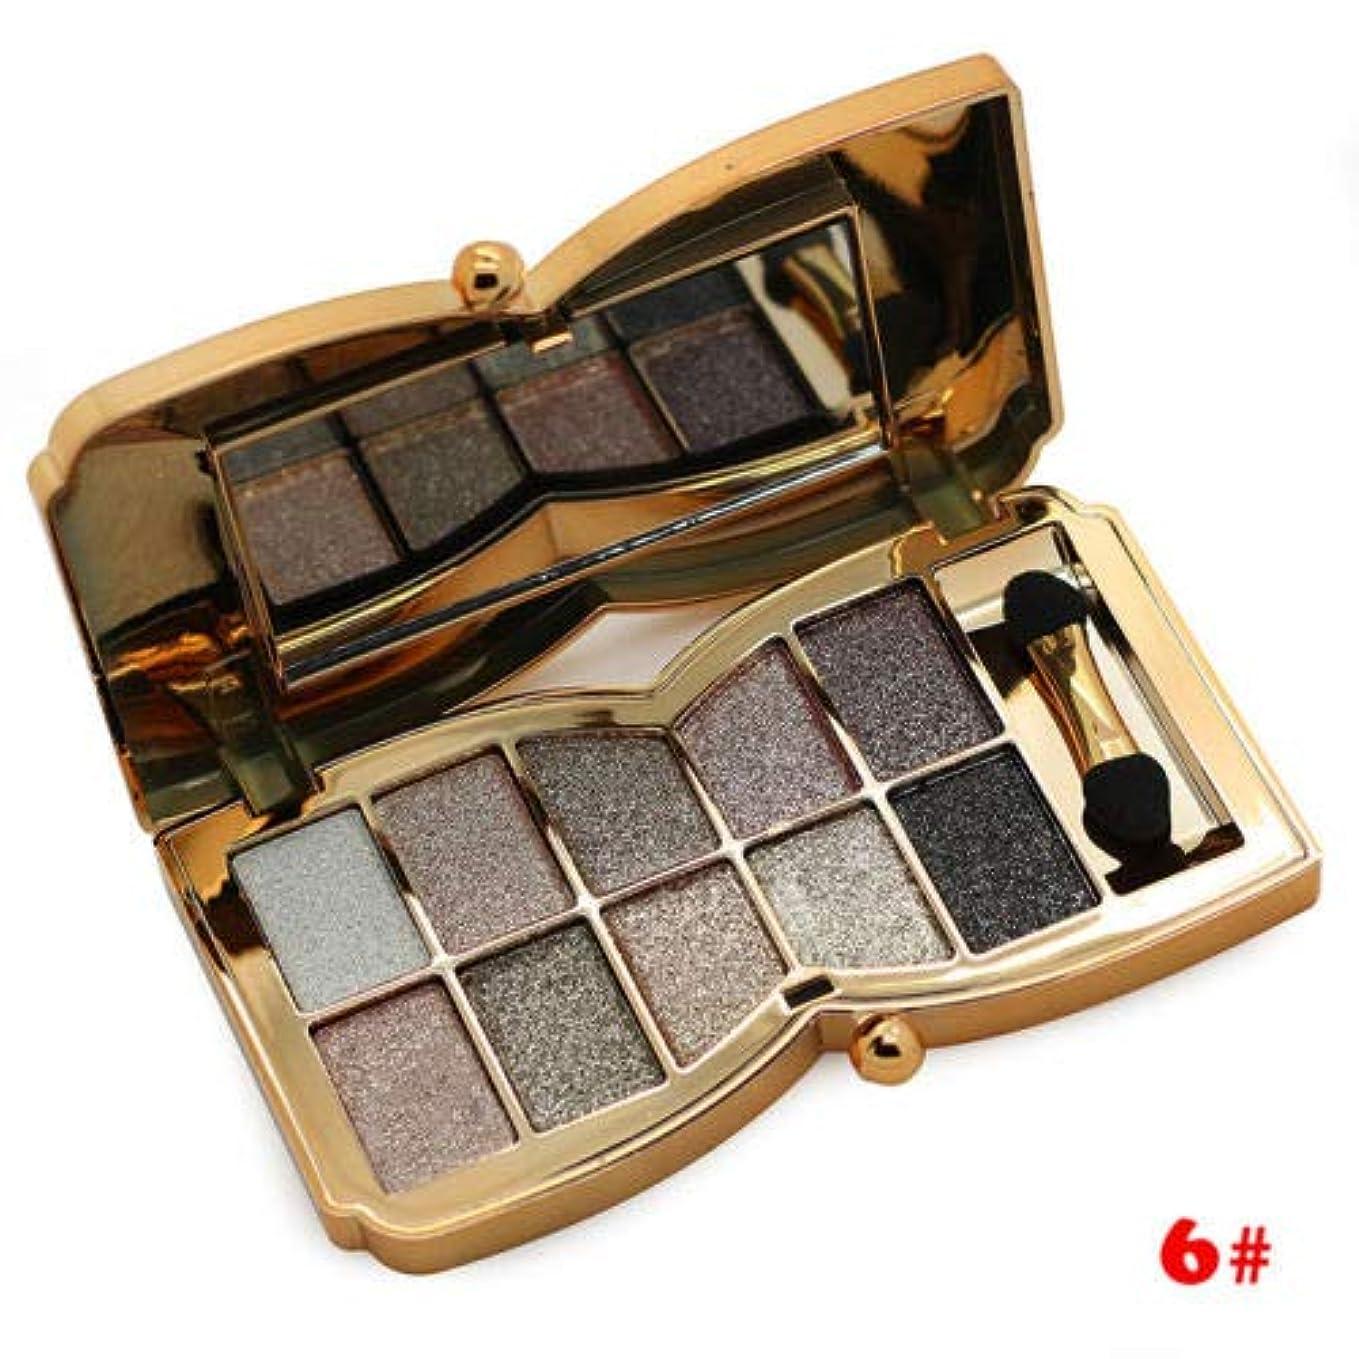 誘導ピル口径FidgetGear 10色アイシャドーグリッターアイシャドーパレットメイクアップ化粧品ミラーブラシセット 6#